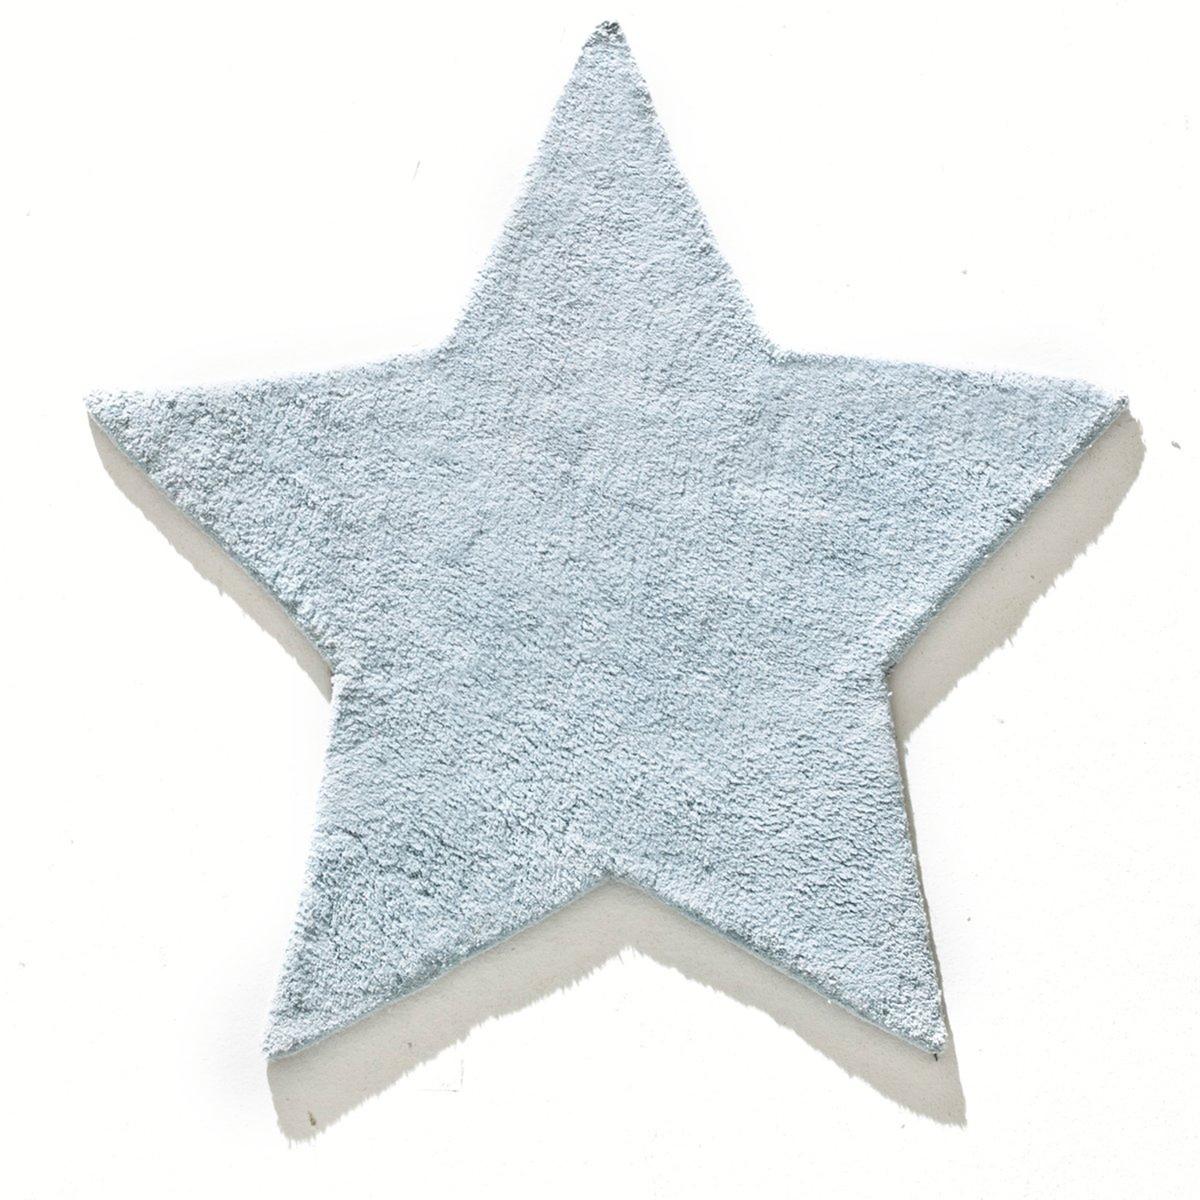 Ковер для детской звезда из хлопковой ткани, Zilius, 100% хлопкаХарактеристики ковра Zilius :100% хлопковая ткань. 4000 г/м?.Другие модели ковров для детской и всю коллекцию ковров вы можете найти на сайте laredoute.ru.Размеры ковра Zilius :Диаметр 85 смСоветы по уходу :У ковров из хлопка в первые месяцы использования допускается технический сход ворса. Это не дефект производства. Это явление обычно проходит после одного-двух проходов коврика пылесосом (всегда двигайте пылесос в направлении ворса и никогда против ворса).<br><br>Цвет: голубой,серо-коричневый каштан,темно-синий